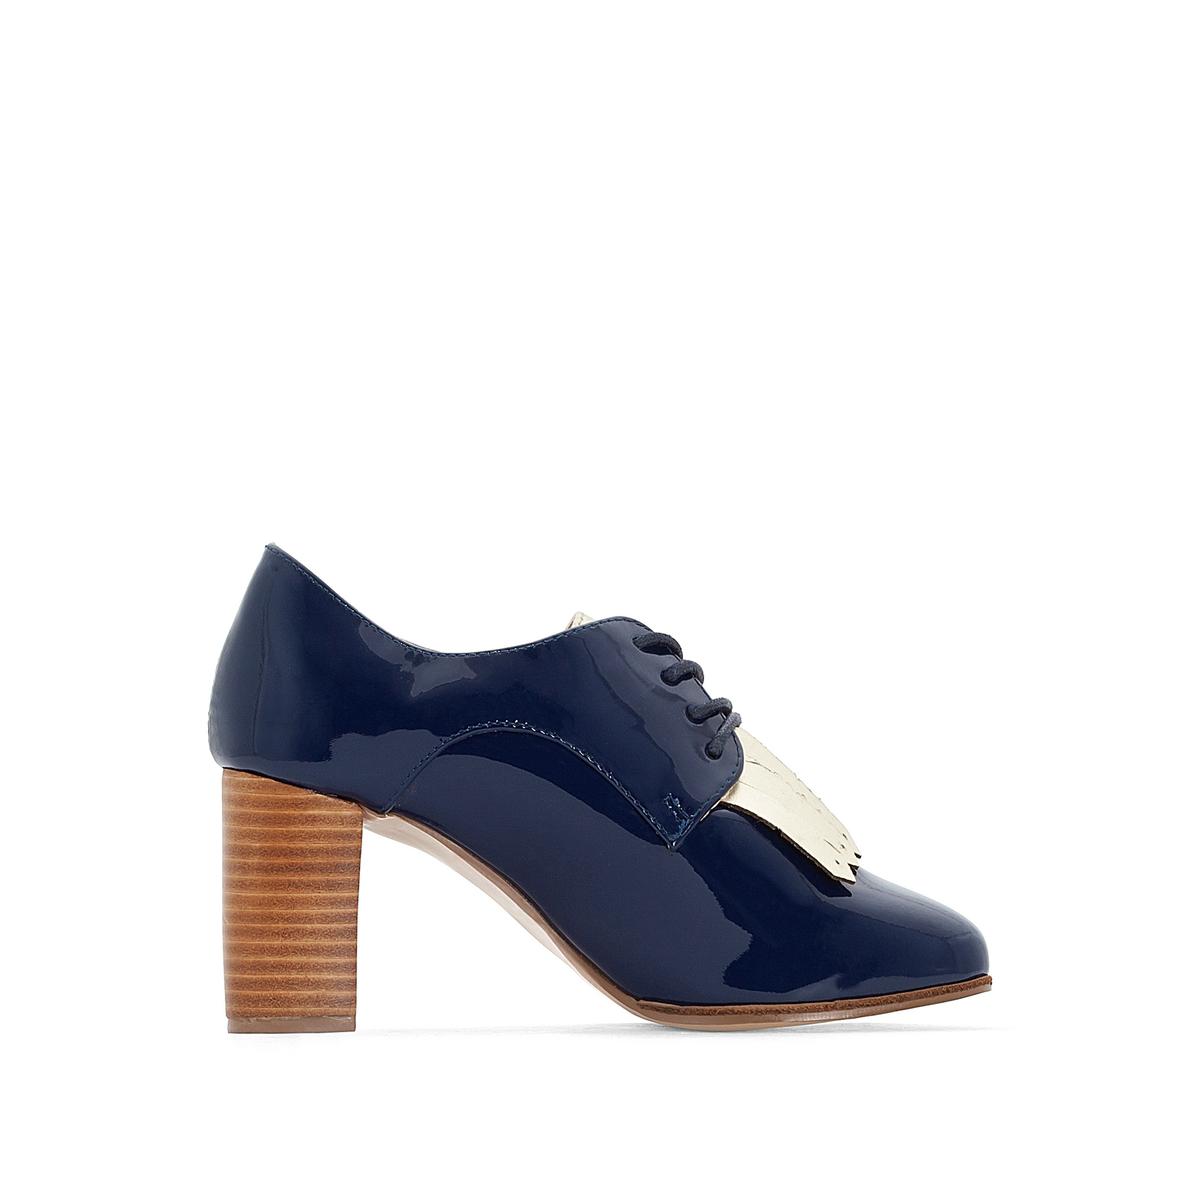 Ботинки-дерби кожаные лакированные на высоком каблуке